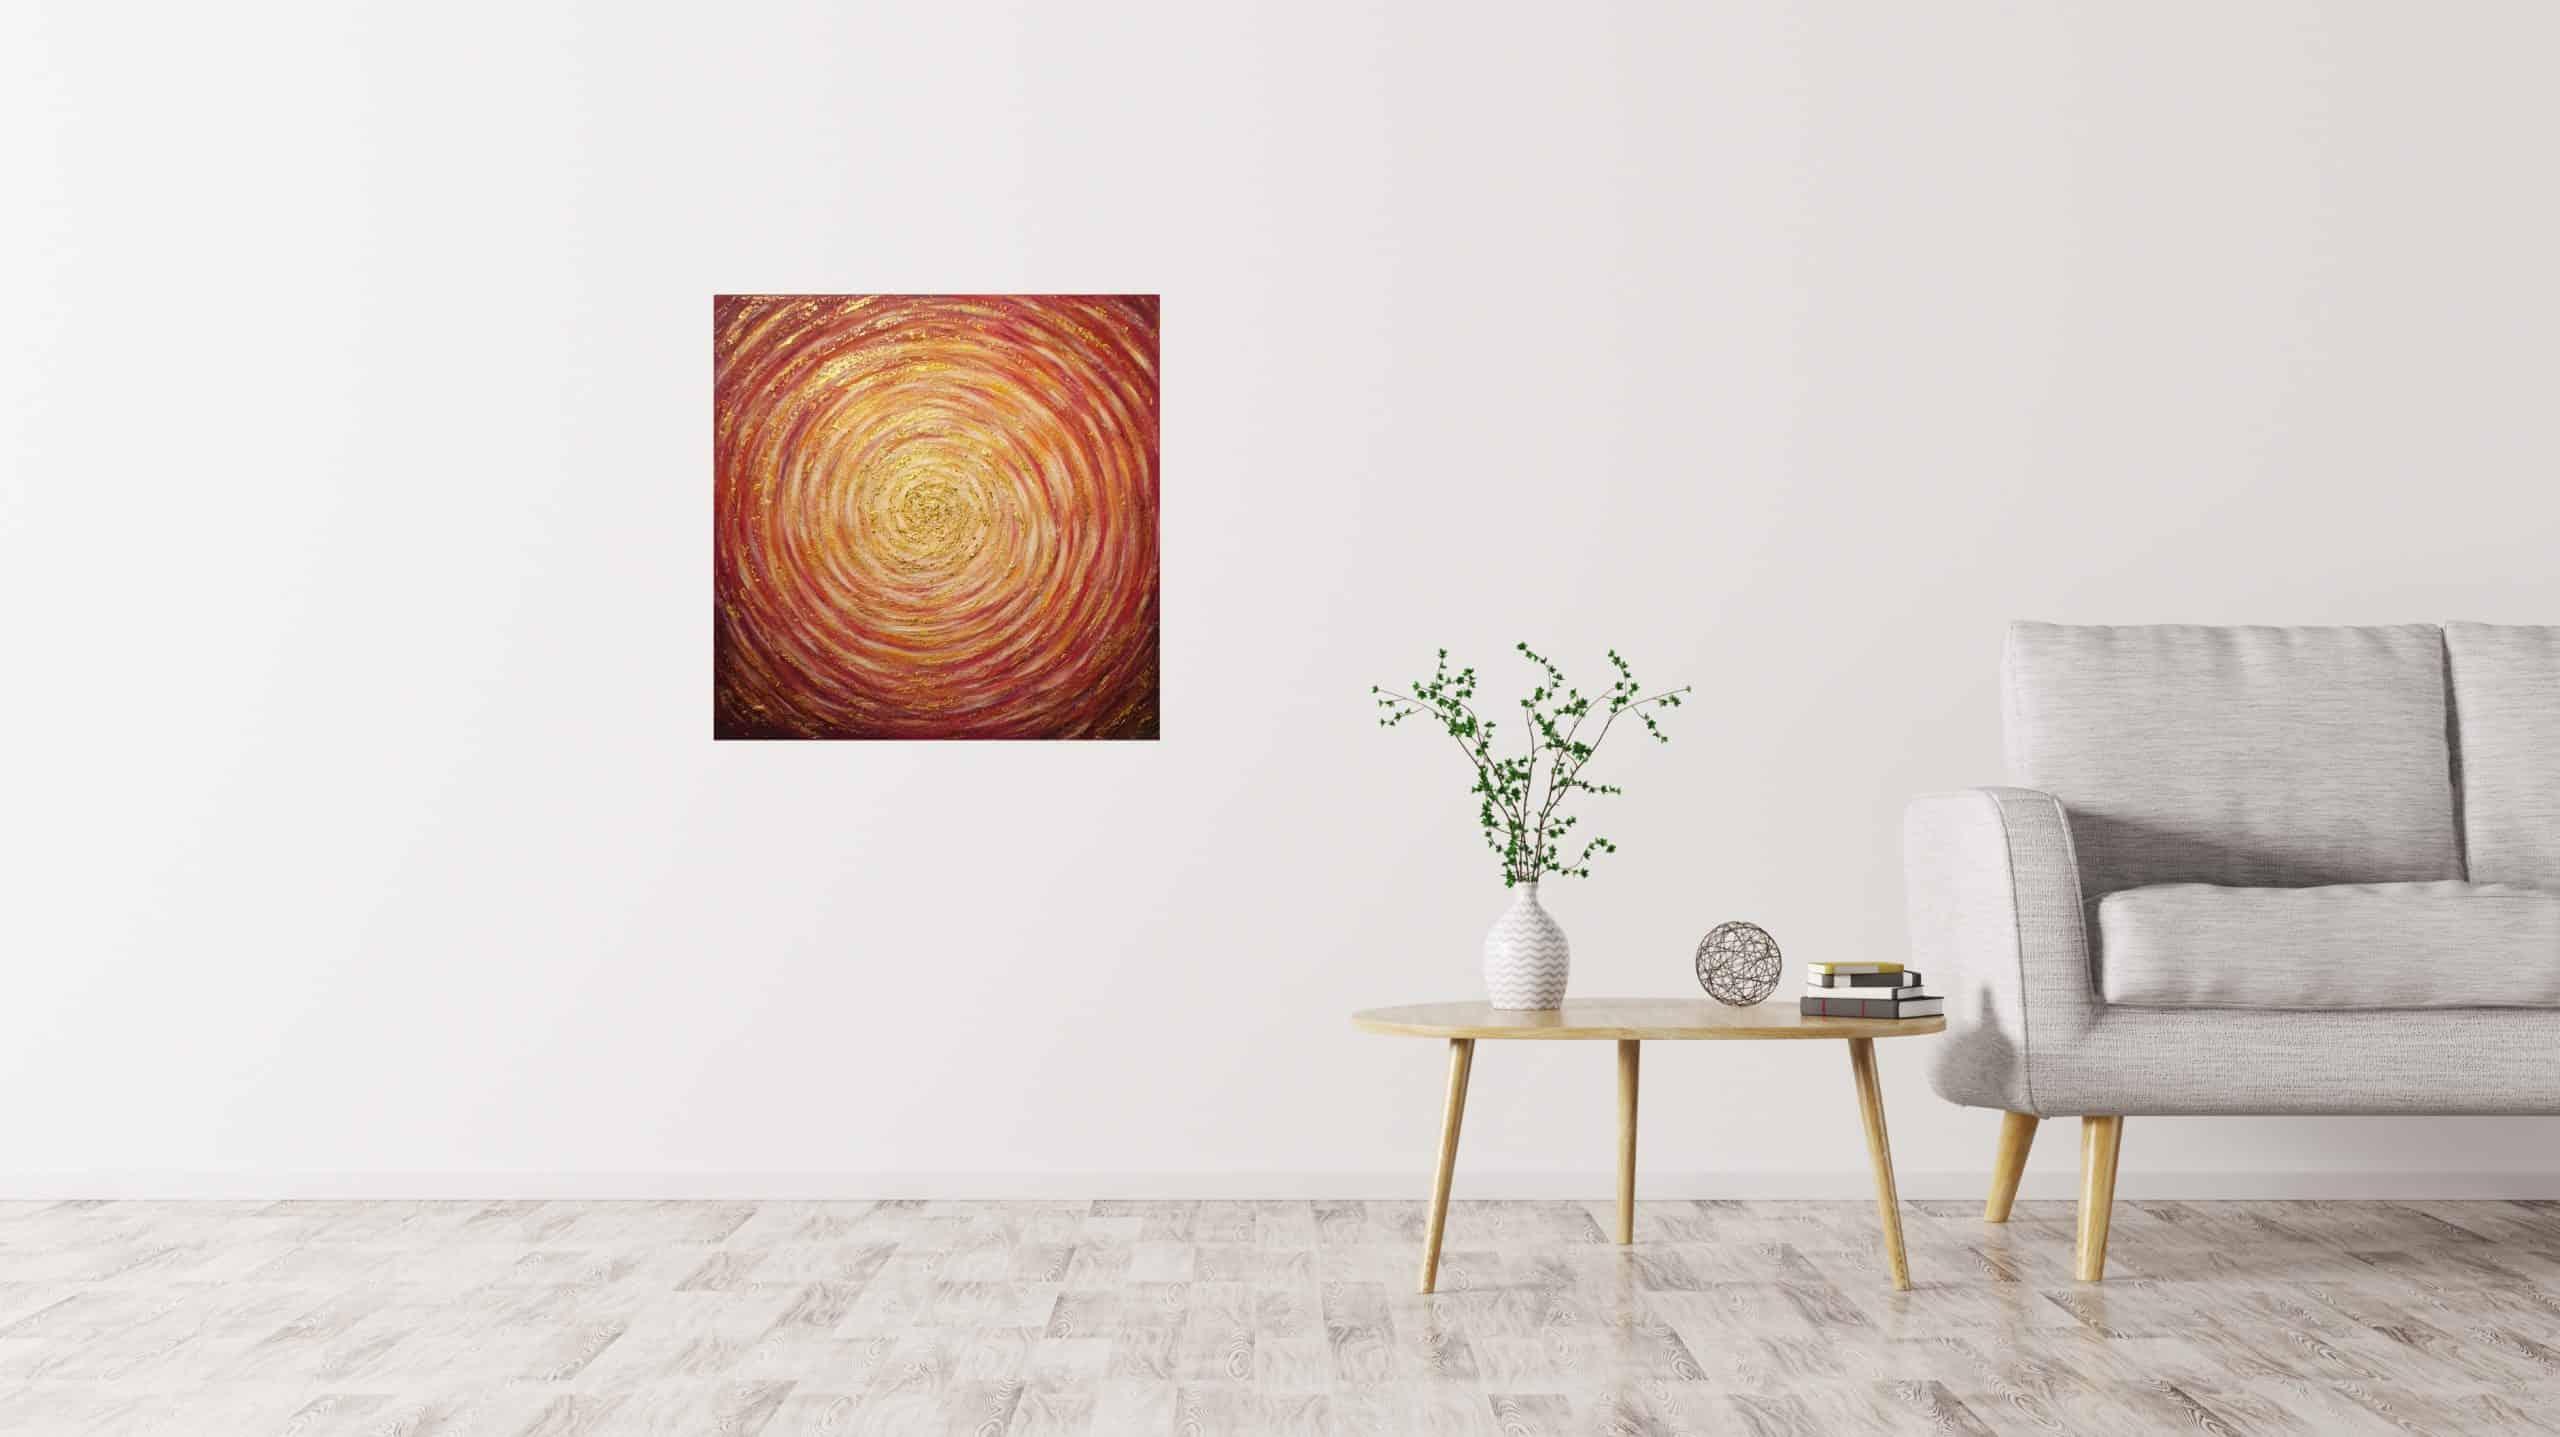 Golden Spiral in interior